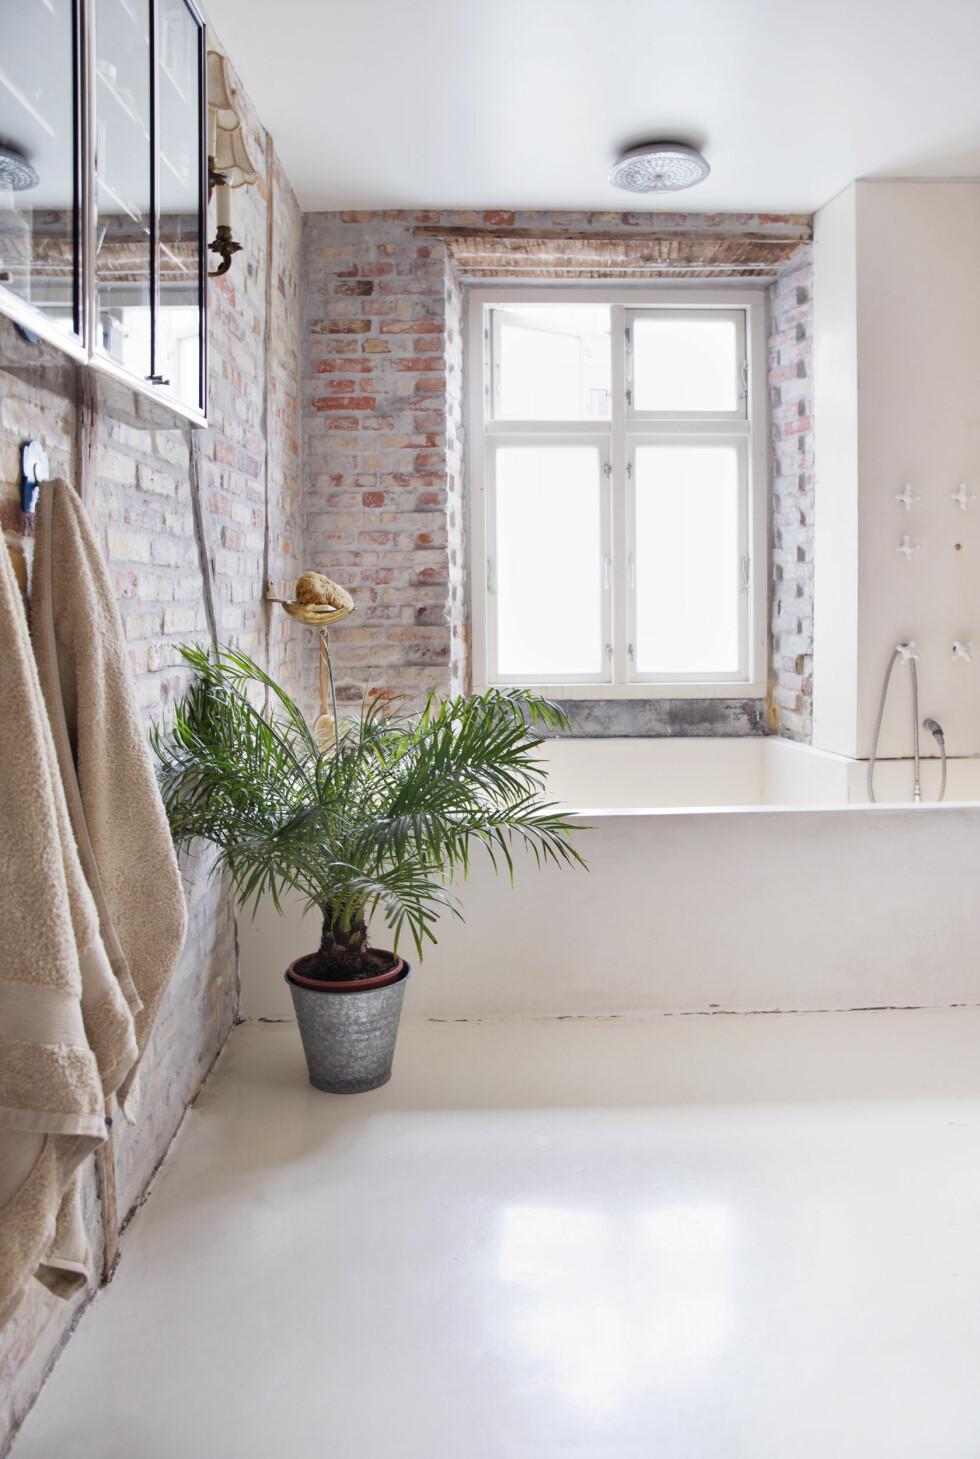 <strong>GIGANTISK BADEKAR:</strong> Badet er stort, og badekaret helt enormt! Det tar tid å fylle det helt opp, men når det er gjort er det SÅ deilig! Armaturet til badekaret er av gammelt porselen kjøpt i New York. Foto: Yvonne Wilhelmsen